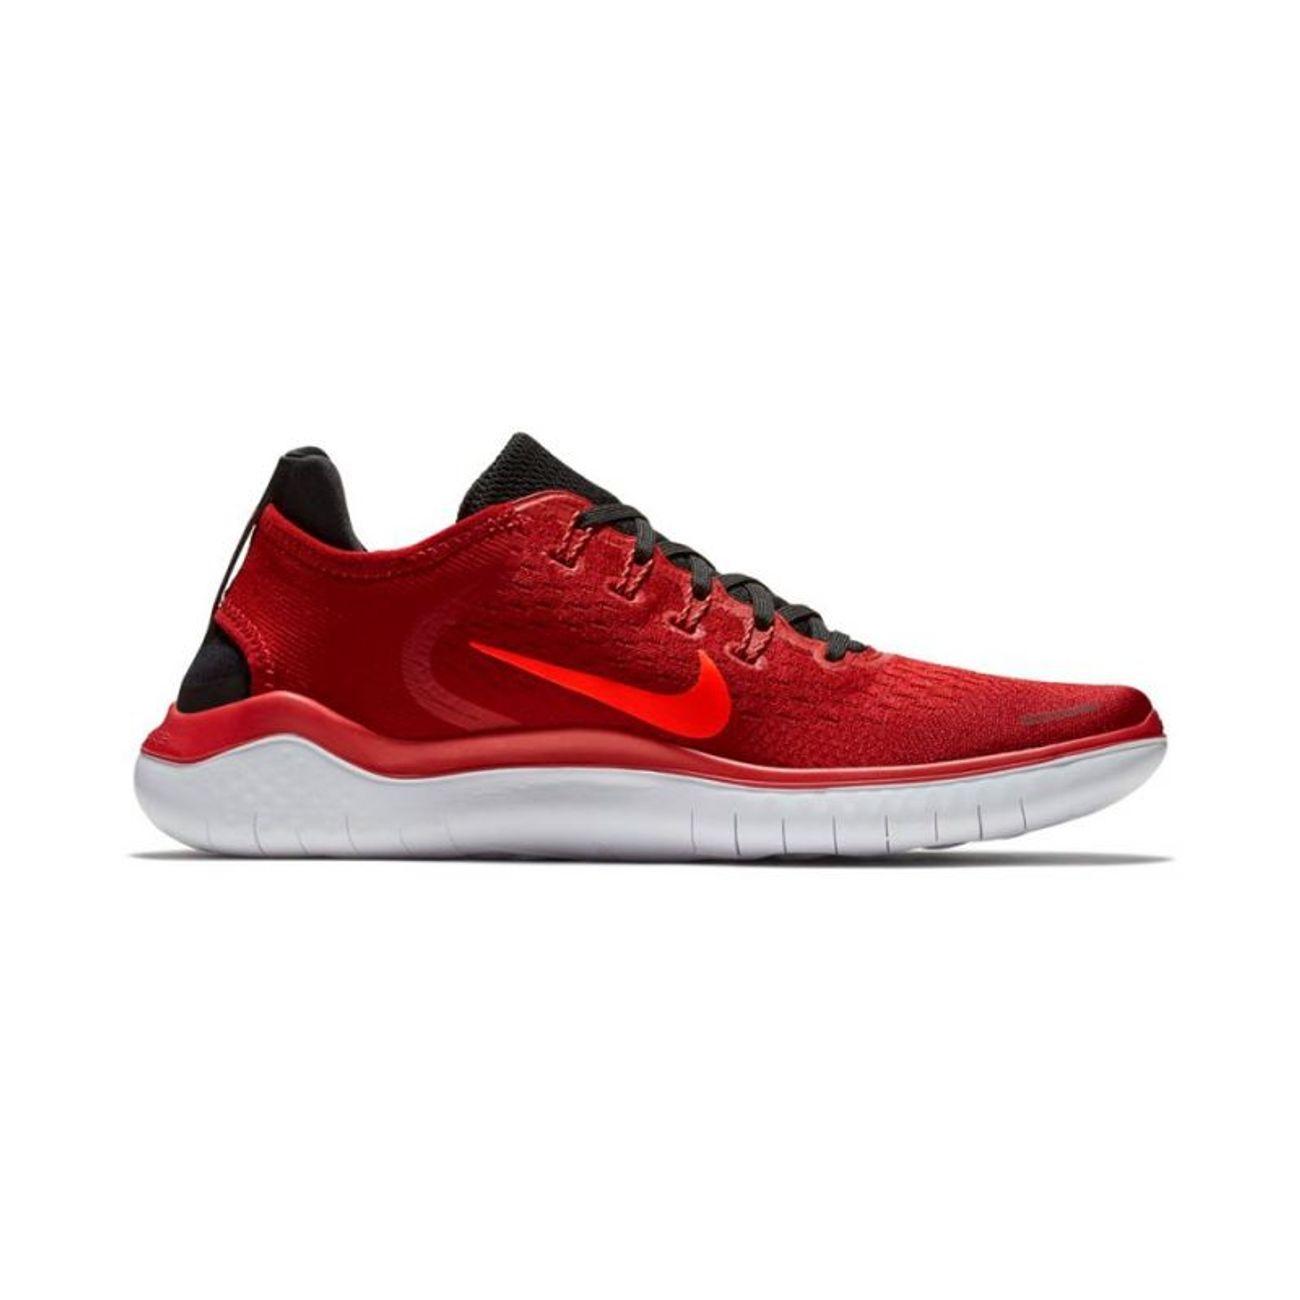 602 2018 Rn Free Running Nike Ni942836 Adulte 76Ybyvgf